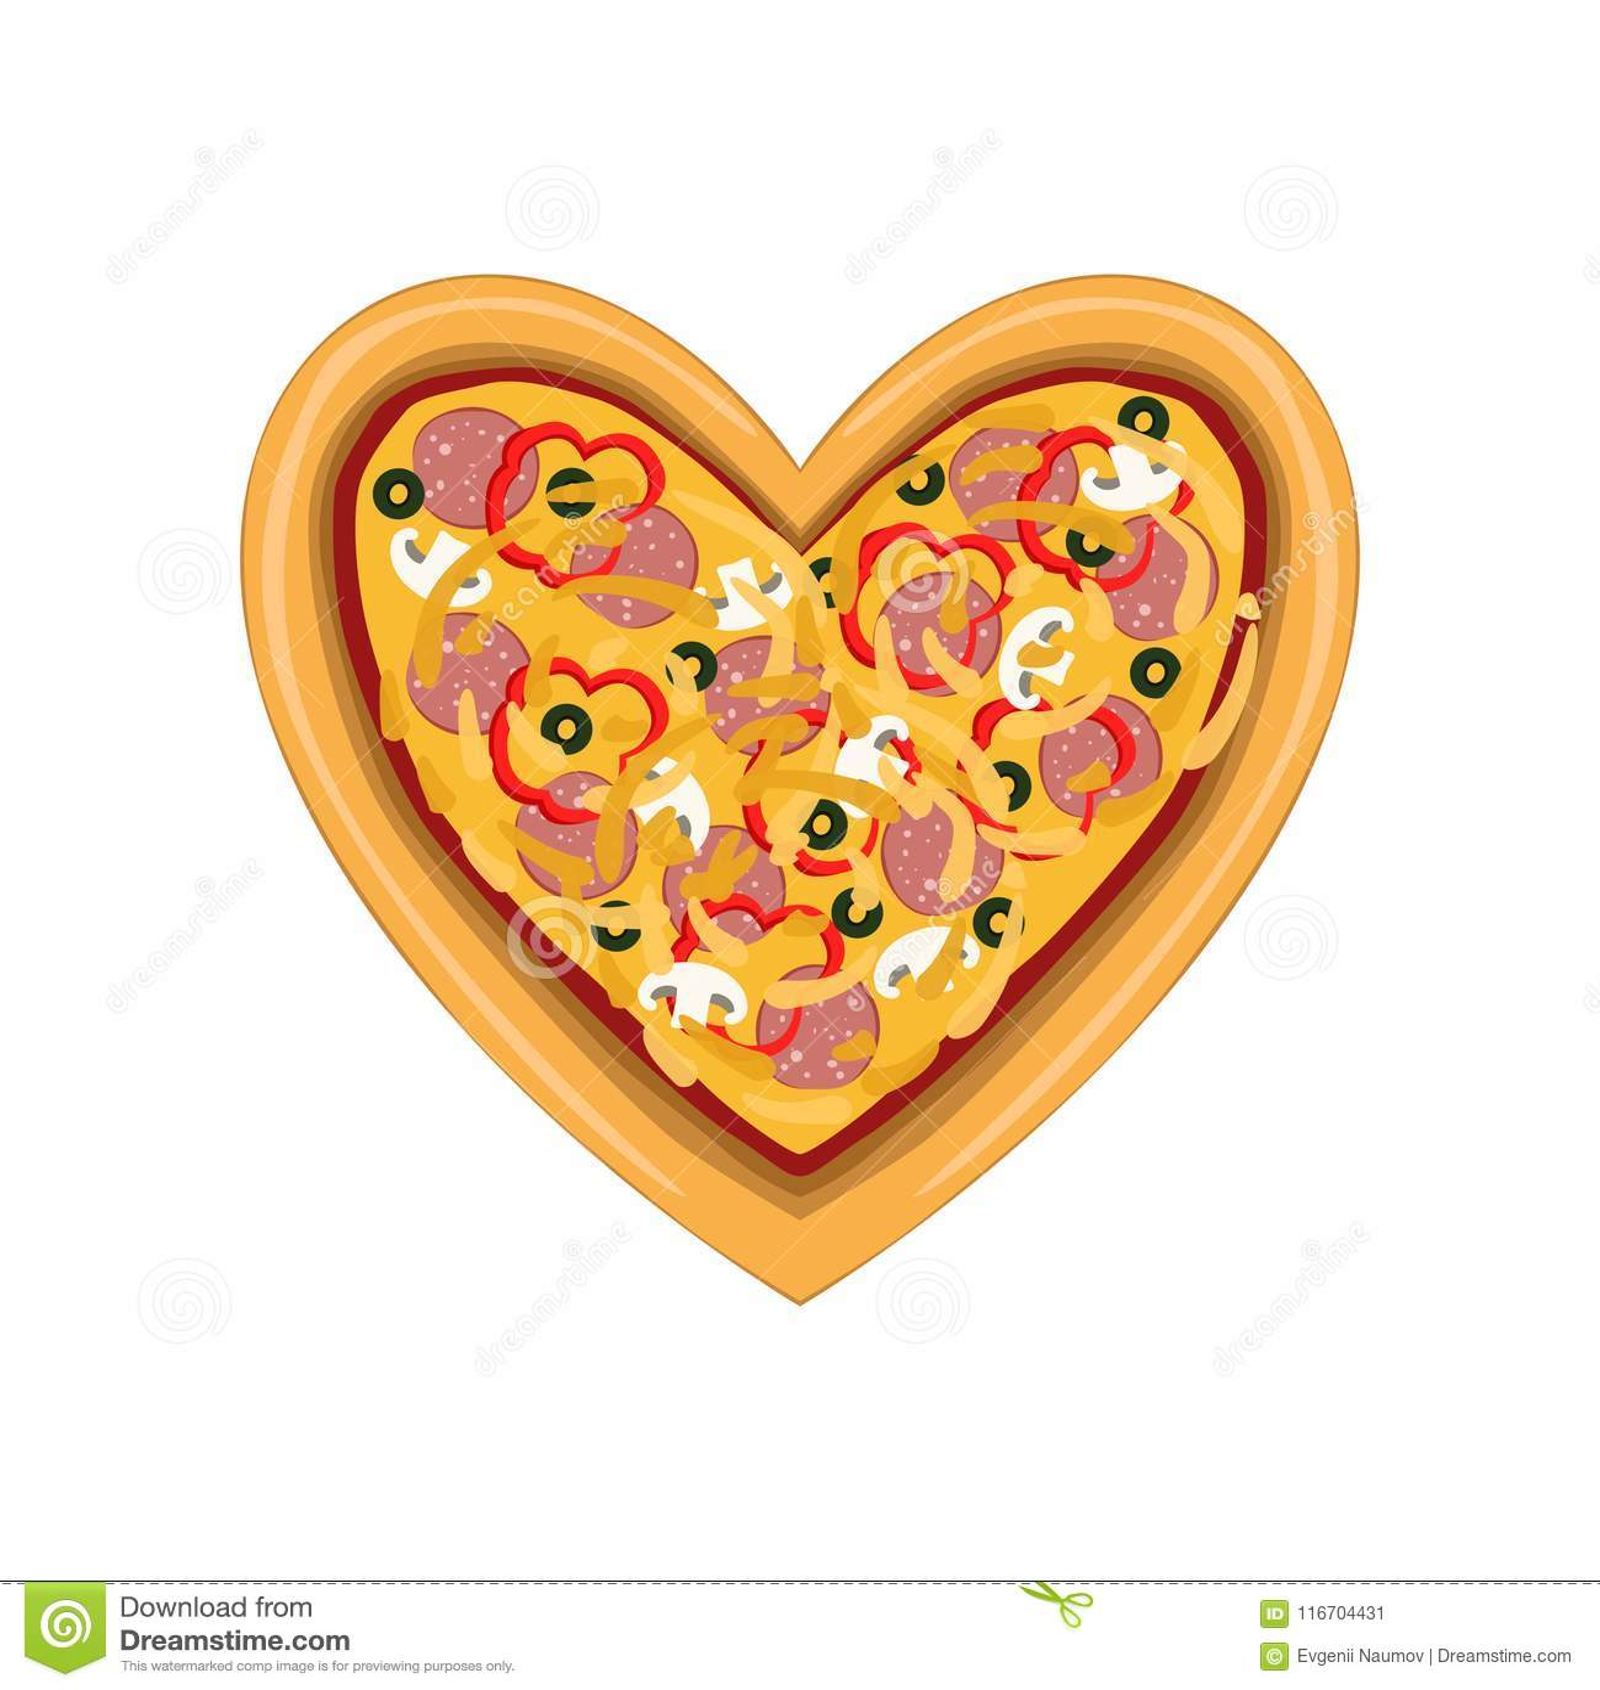 Свеже испеченная пицца в форме сердца, иллюстрации вектора взгляд сверху изолированной на белой предпосылке